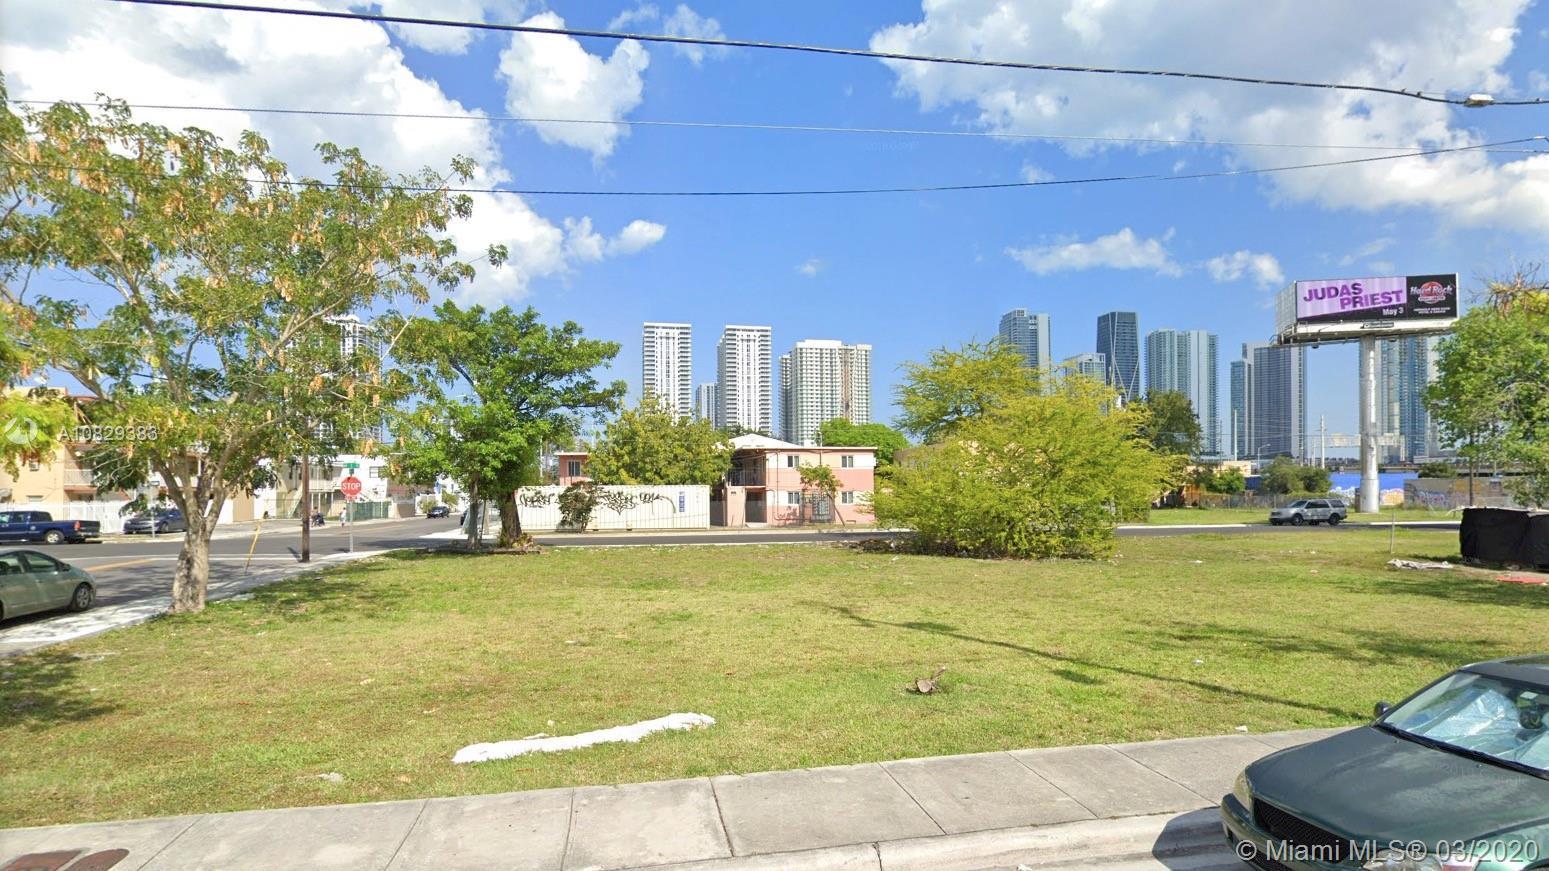 1440 NW 1st Pl, Miami, FL 33136